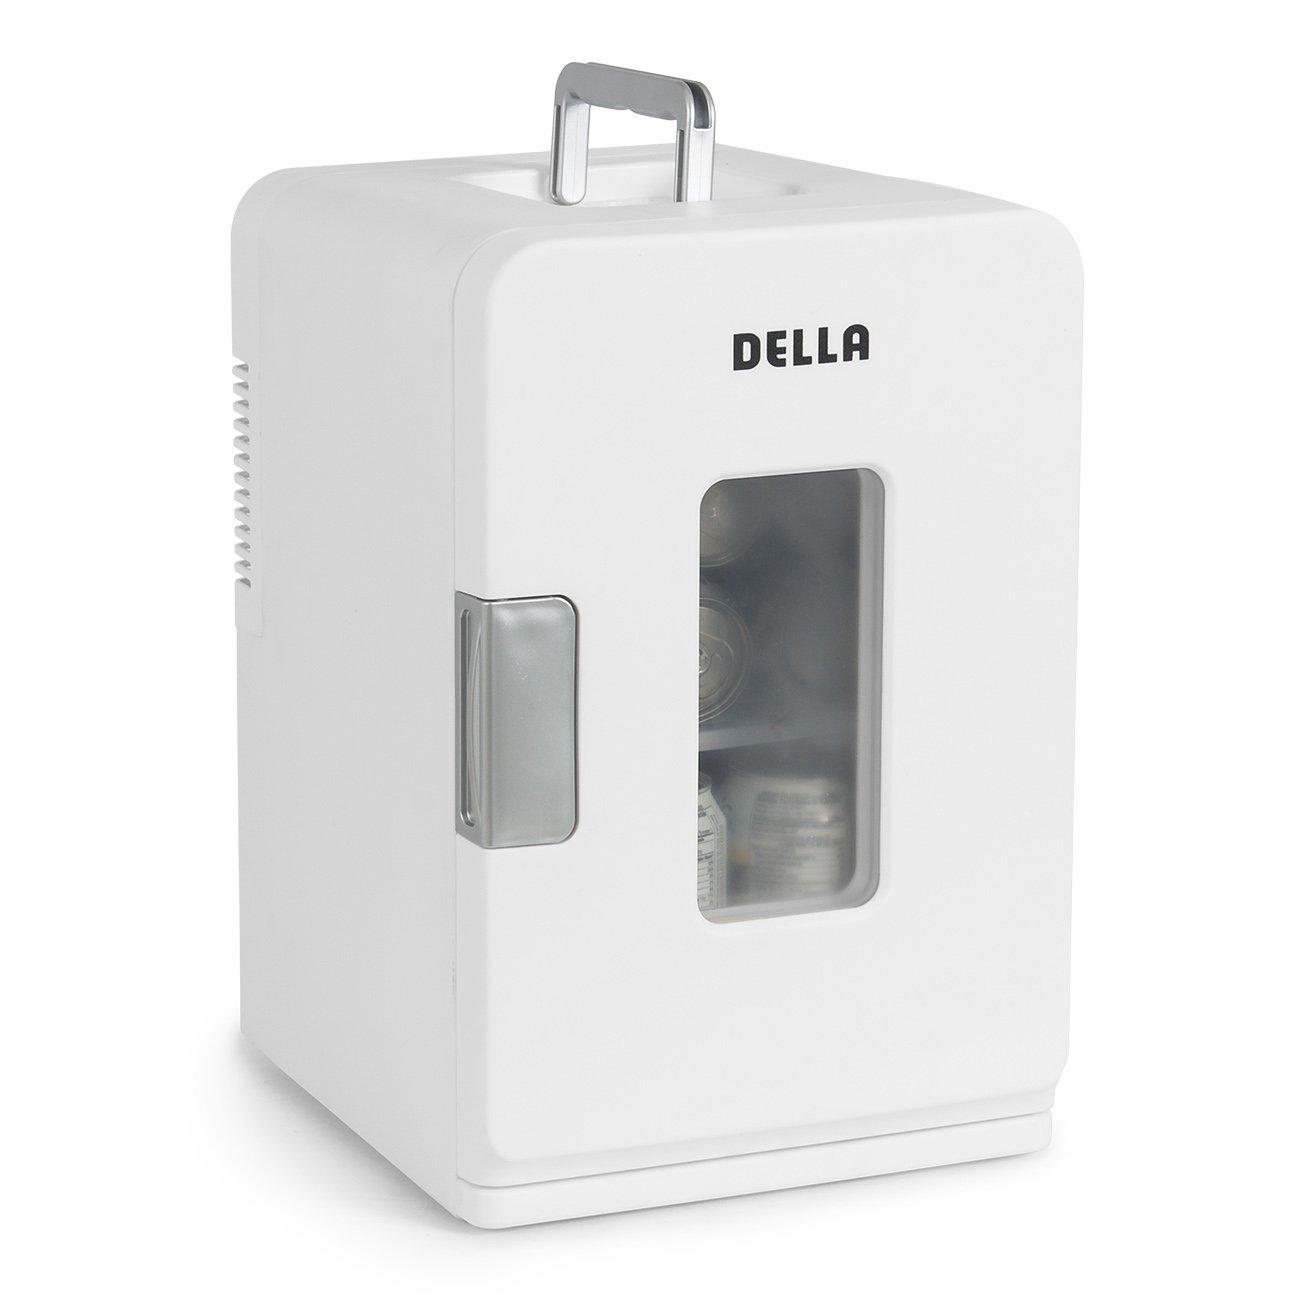 DELLA Portable Mini Fridge Cooler and Warmer 15L Home,Office, Car, Rv Camping, Boat